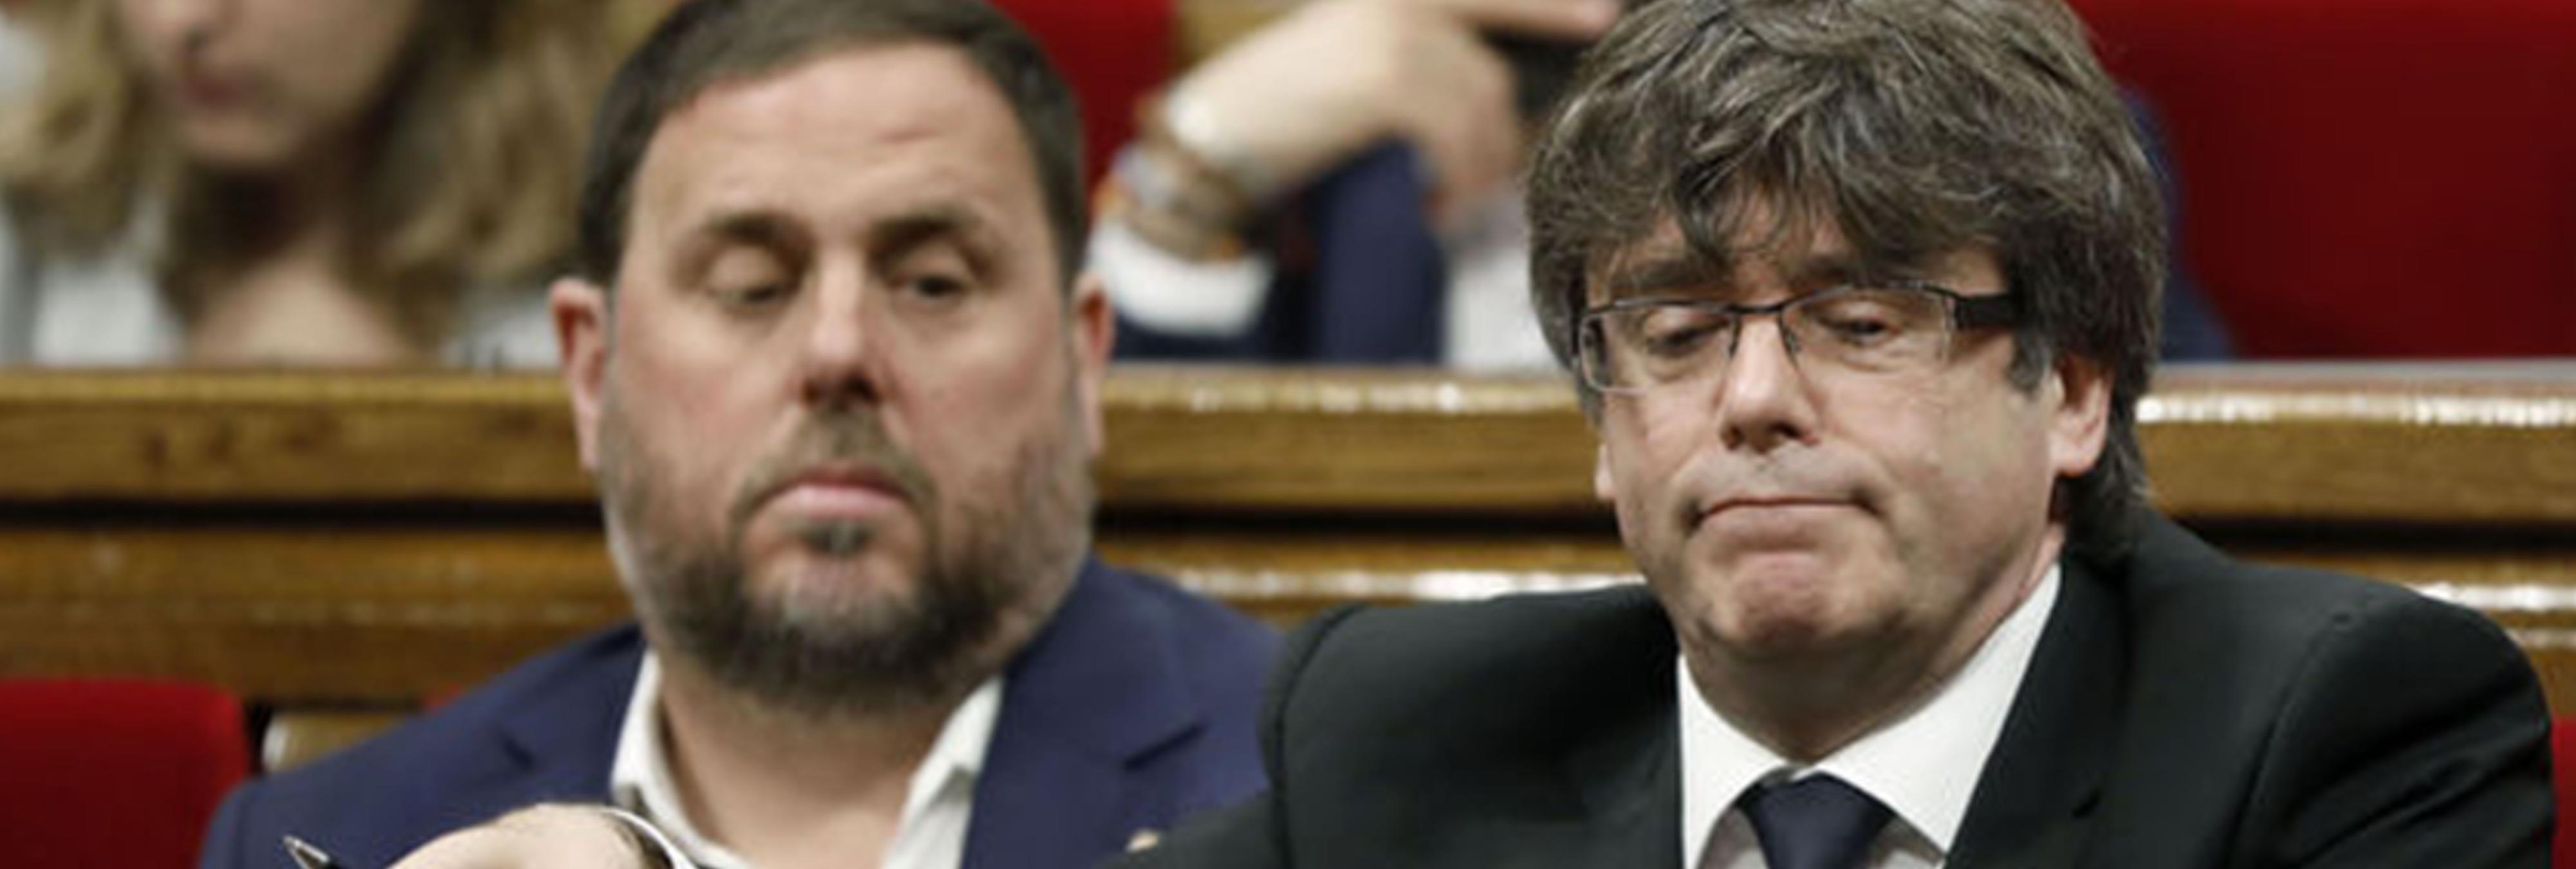 JxSí y la CUP piden suspender el Parlamento hasta después del 1-O